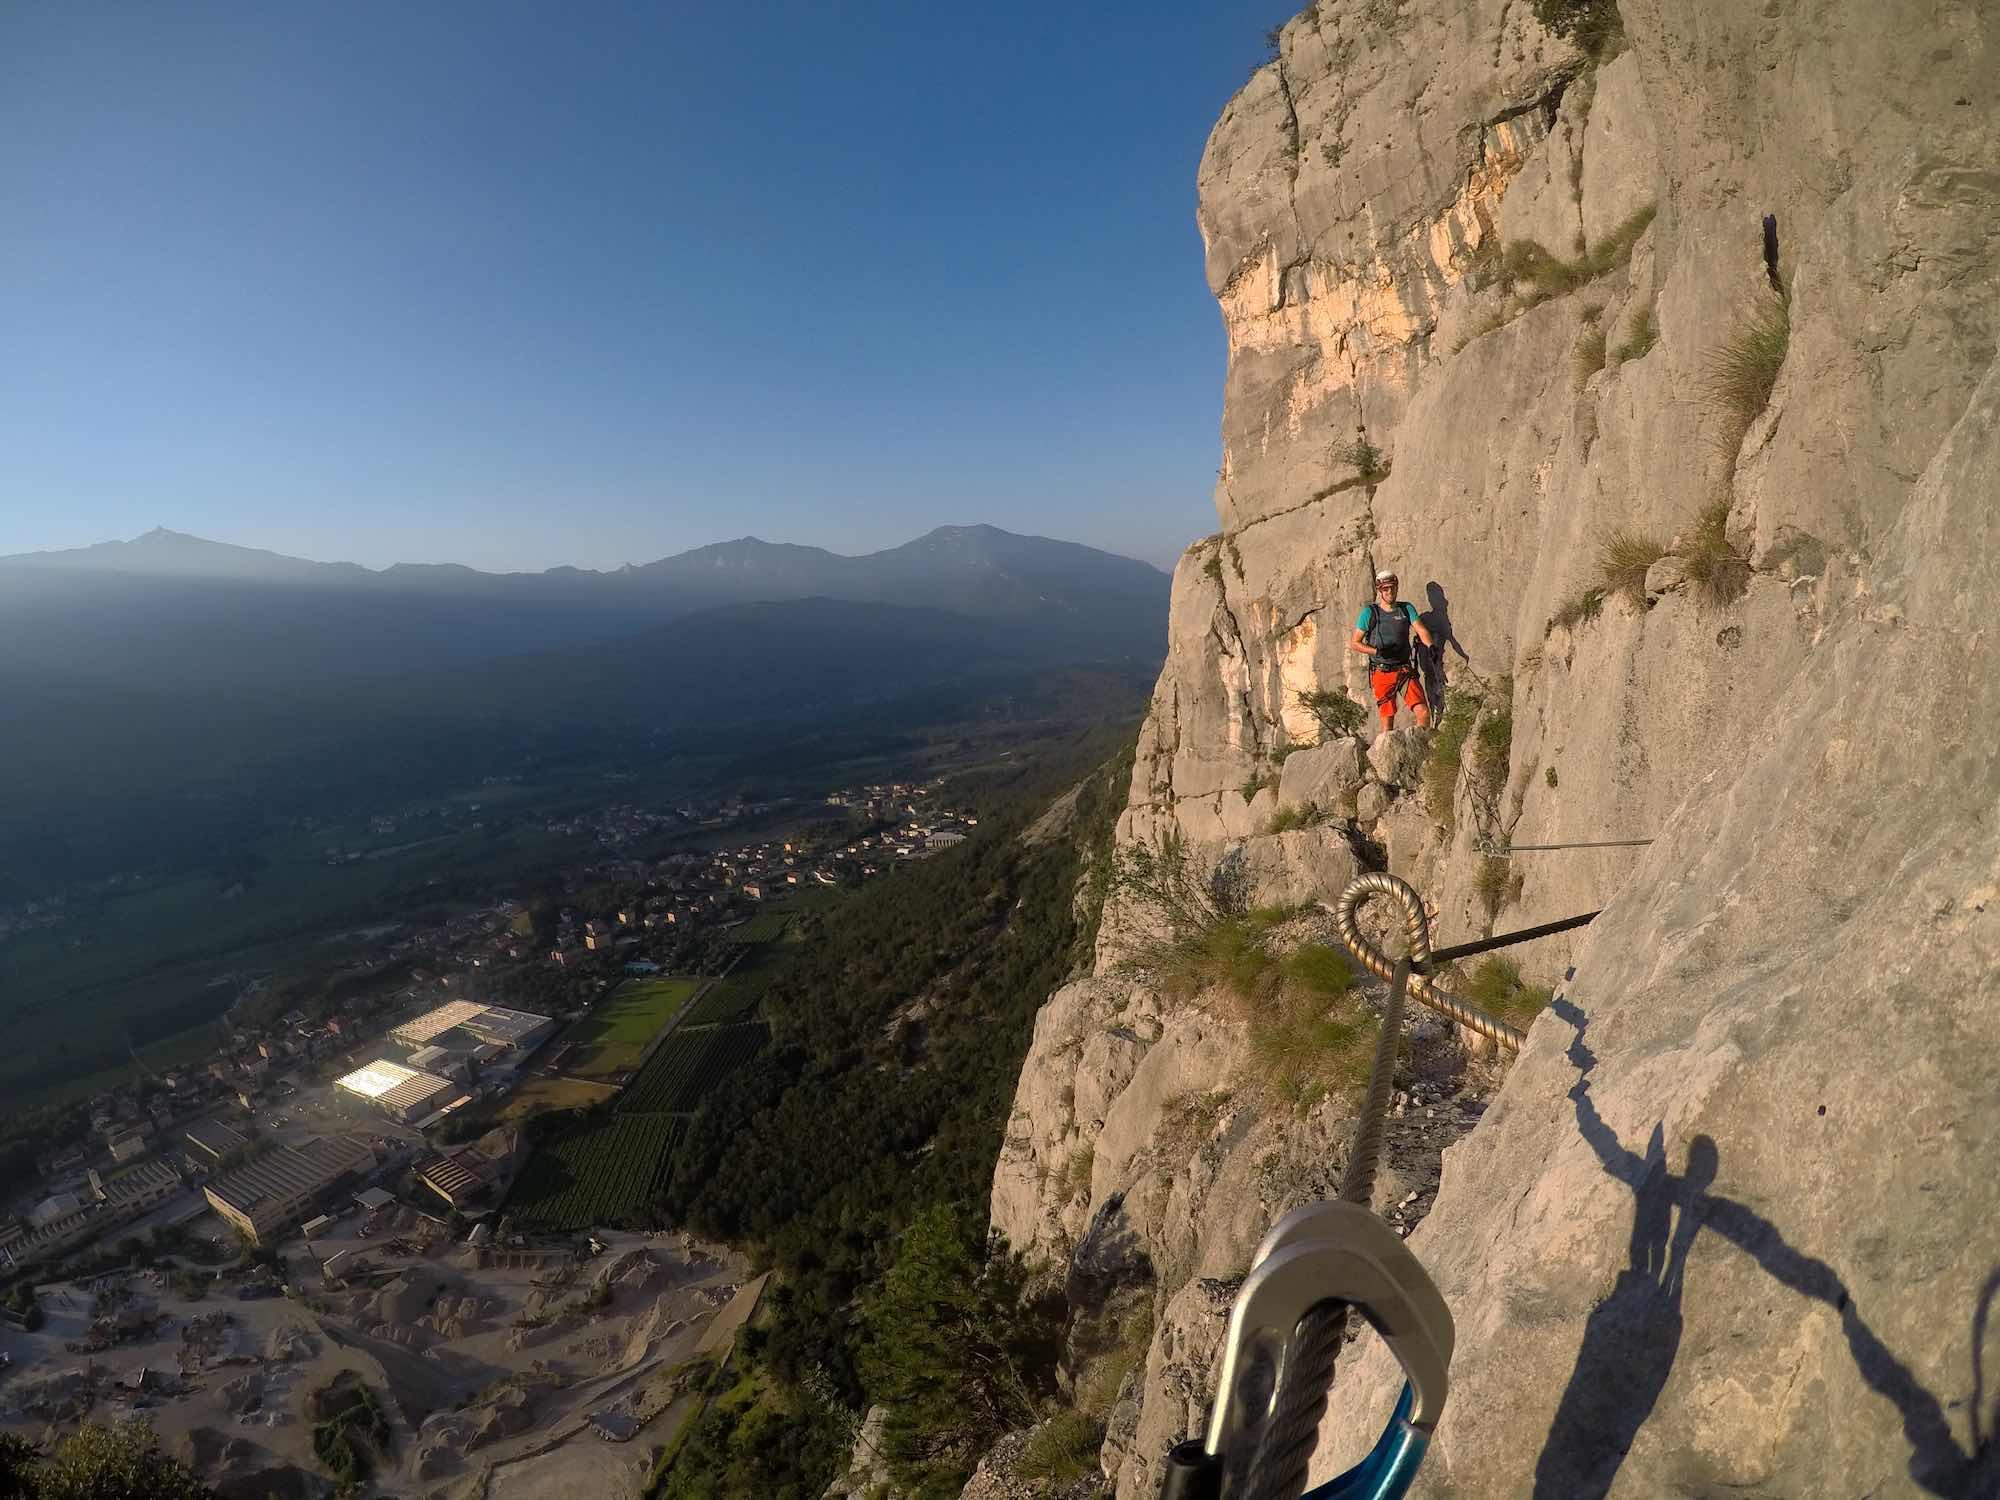 Tolle Eindrücke im Klettersteig